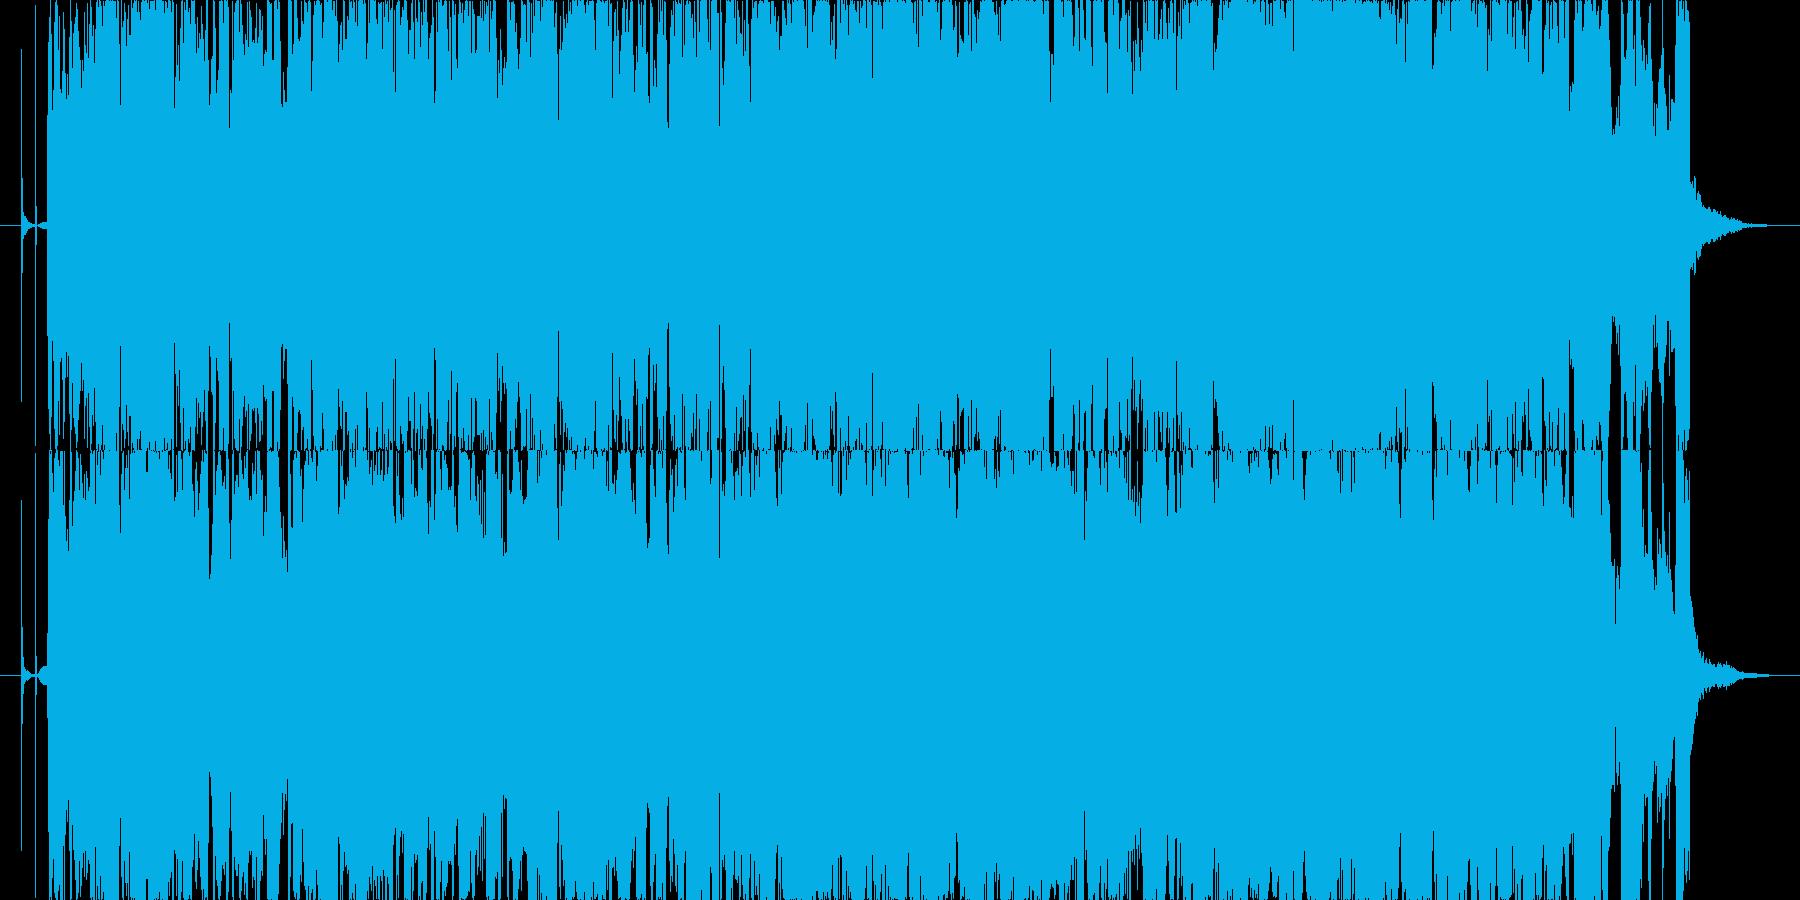 ギターメインのオシャレな曲の再生済みの波形